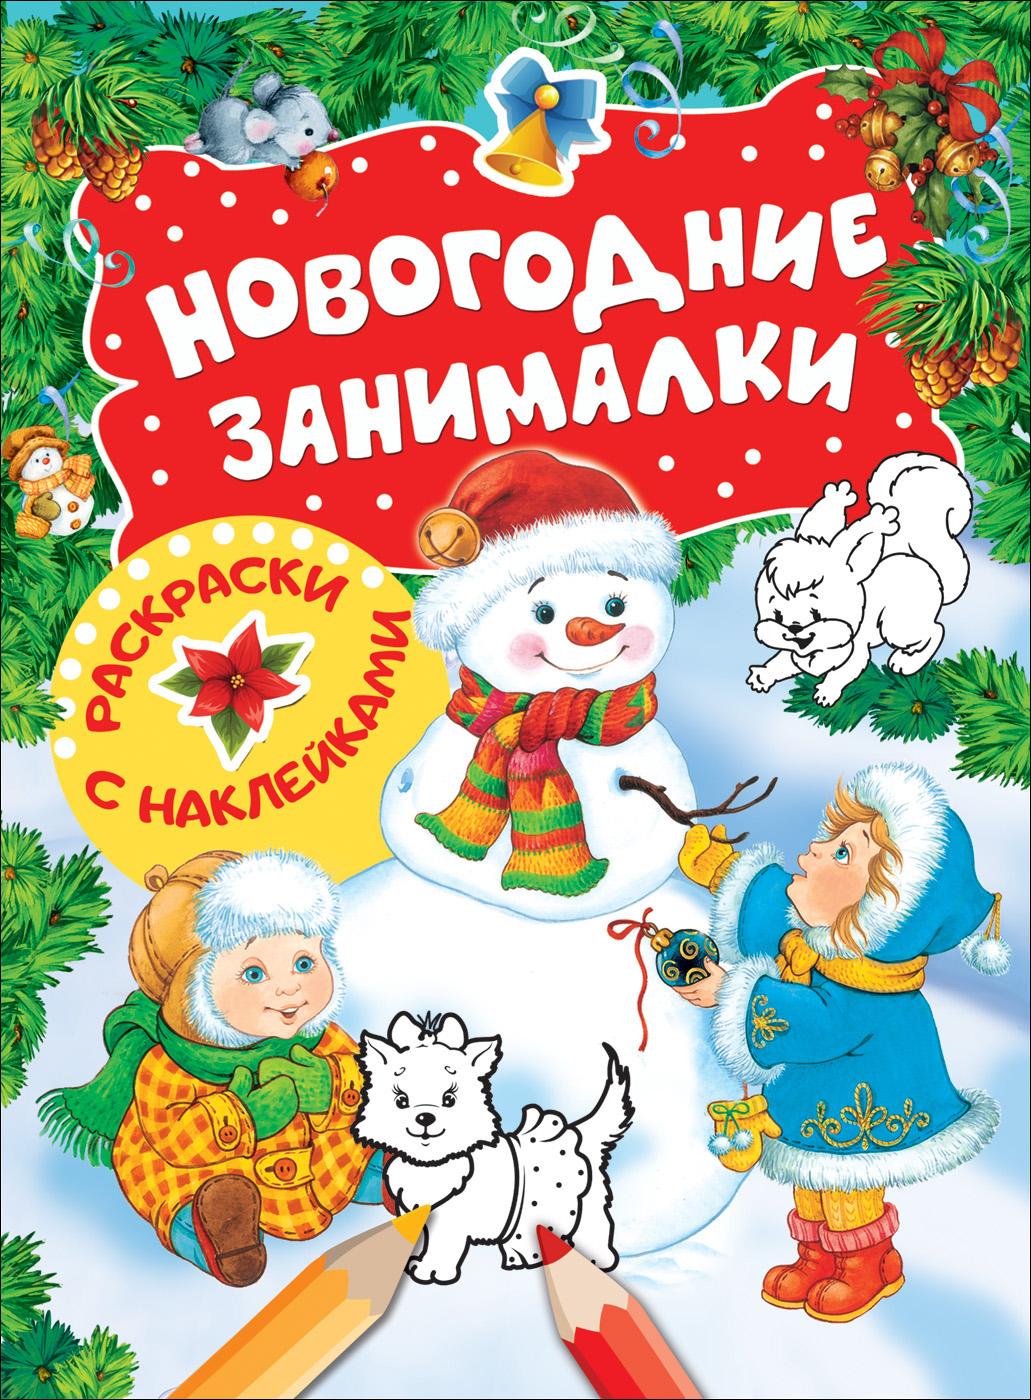 Новогодние занималки -  Раскраски с наклейками, СнеговикРазвивающие наклейки<br>Новогодние занималки -  Раскраски с наклейками, Снеговик<br>